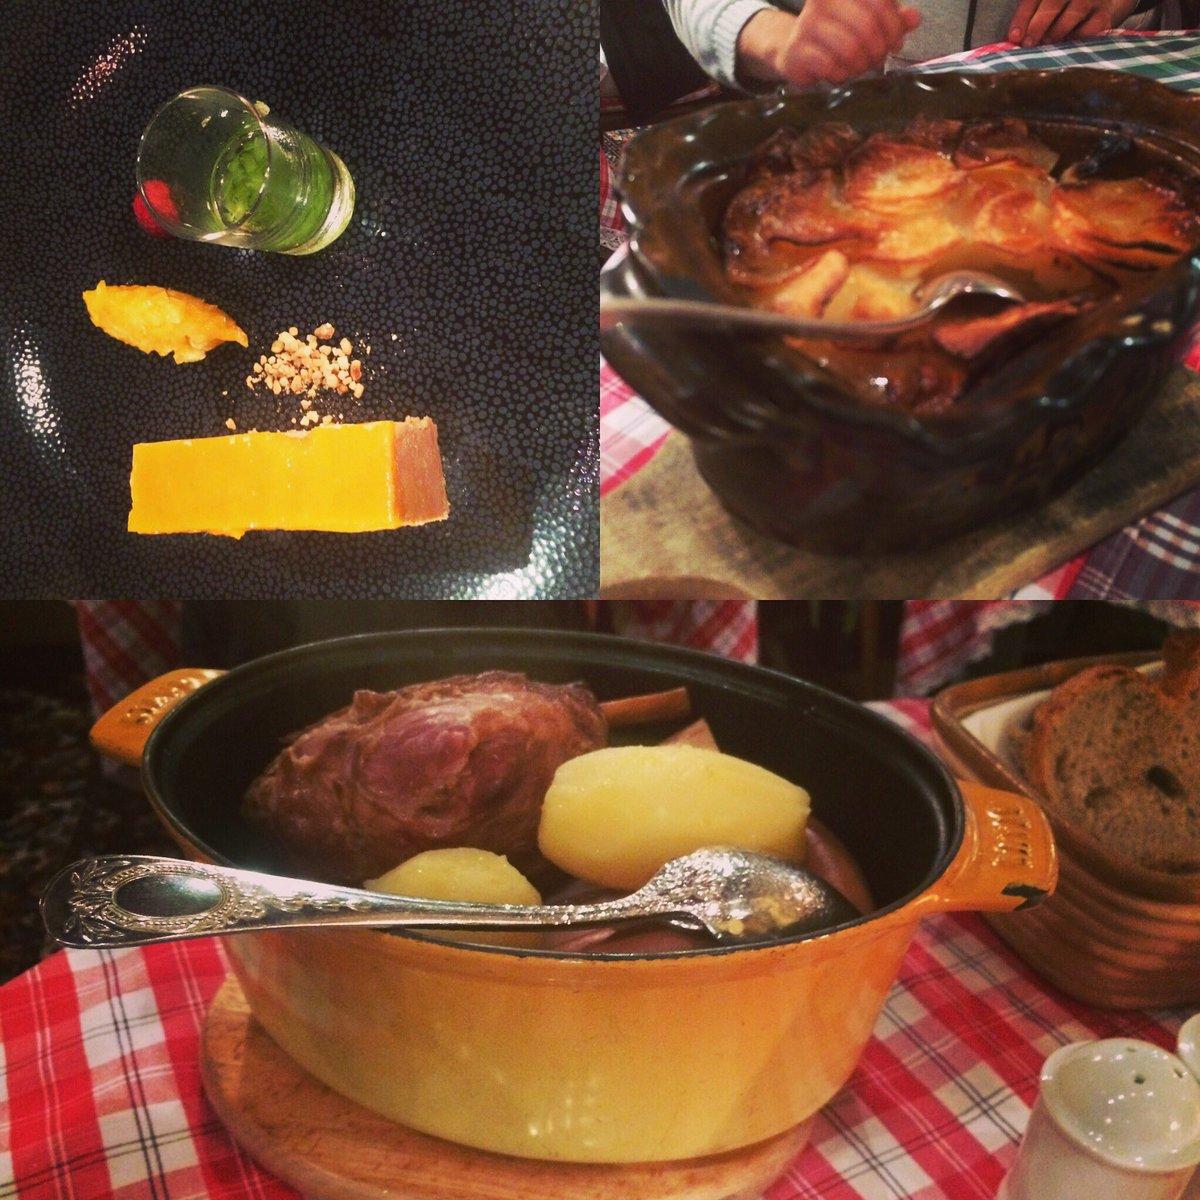 ALSACE #repas #specialites #alsace @Alsace #Vacances #copains<br>http://pic.twitter.com/bEAQYY2vpK